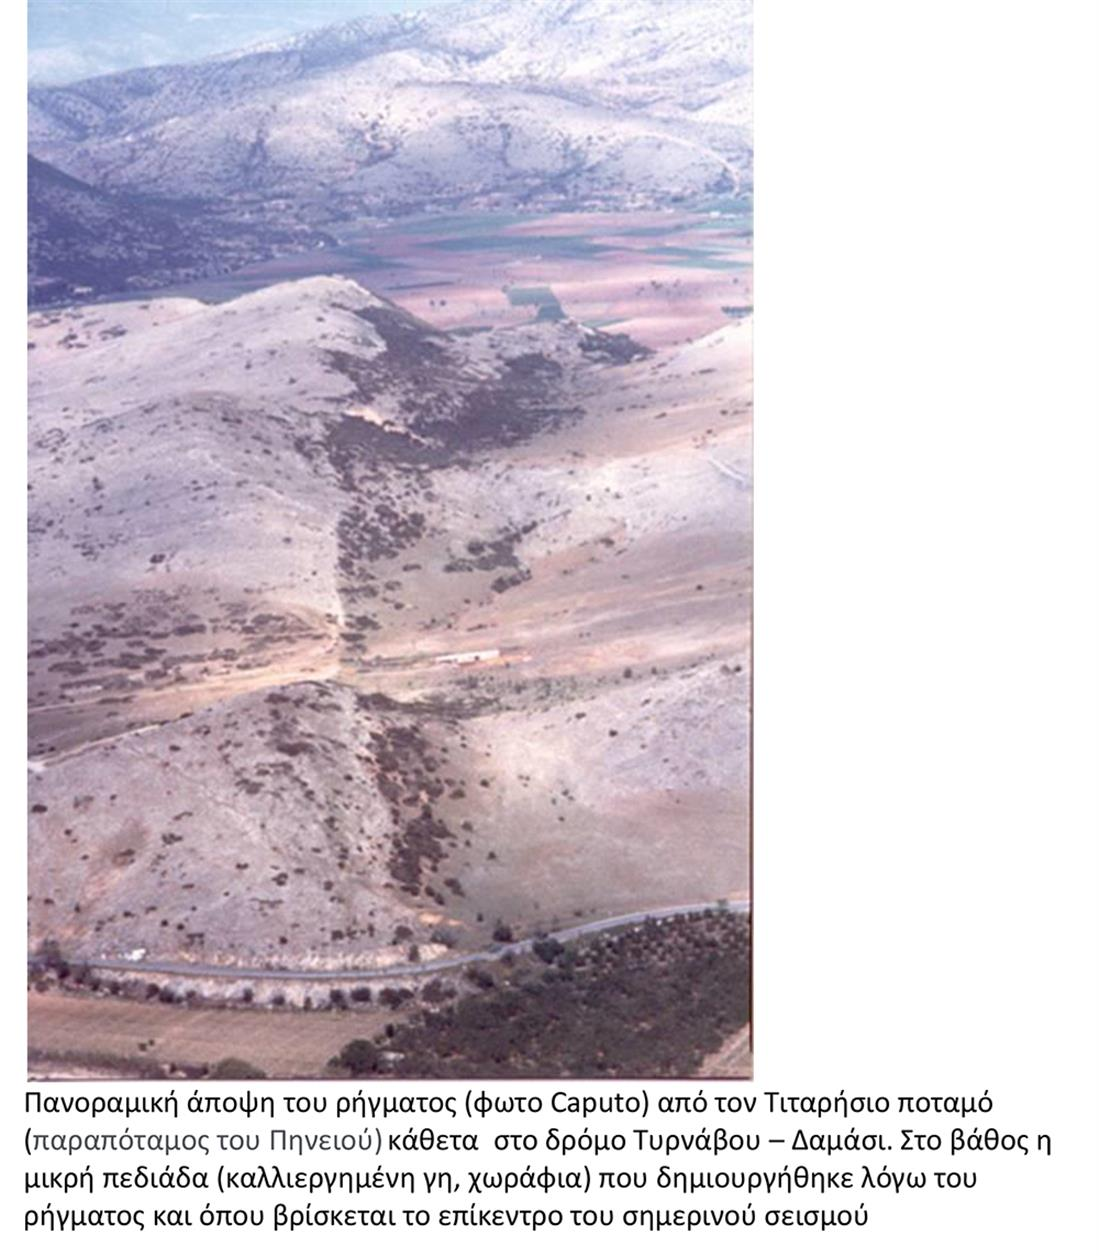 Ρήγμα του Τυρνάβου - Σεισμός 3 Μαρτίου 2021